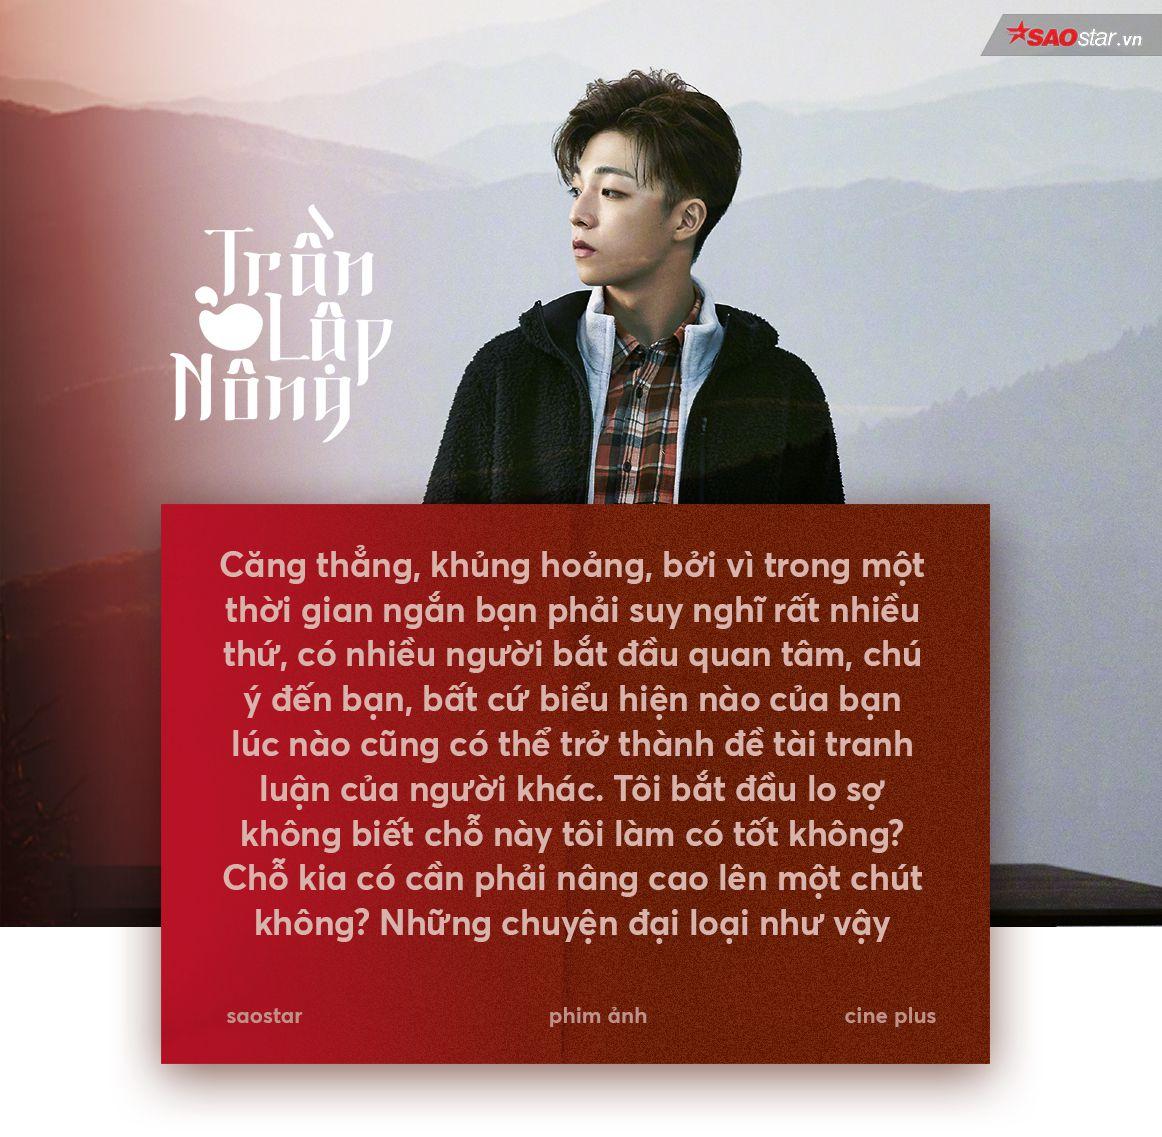 Profile Trần Lập Nông: Tất tần tật thông tin về chàng hoàng tử Leo, Nongnong (5)